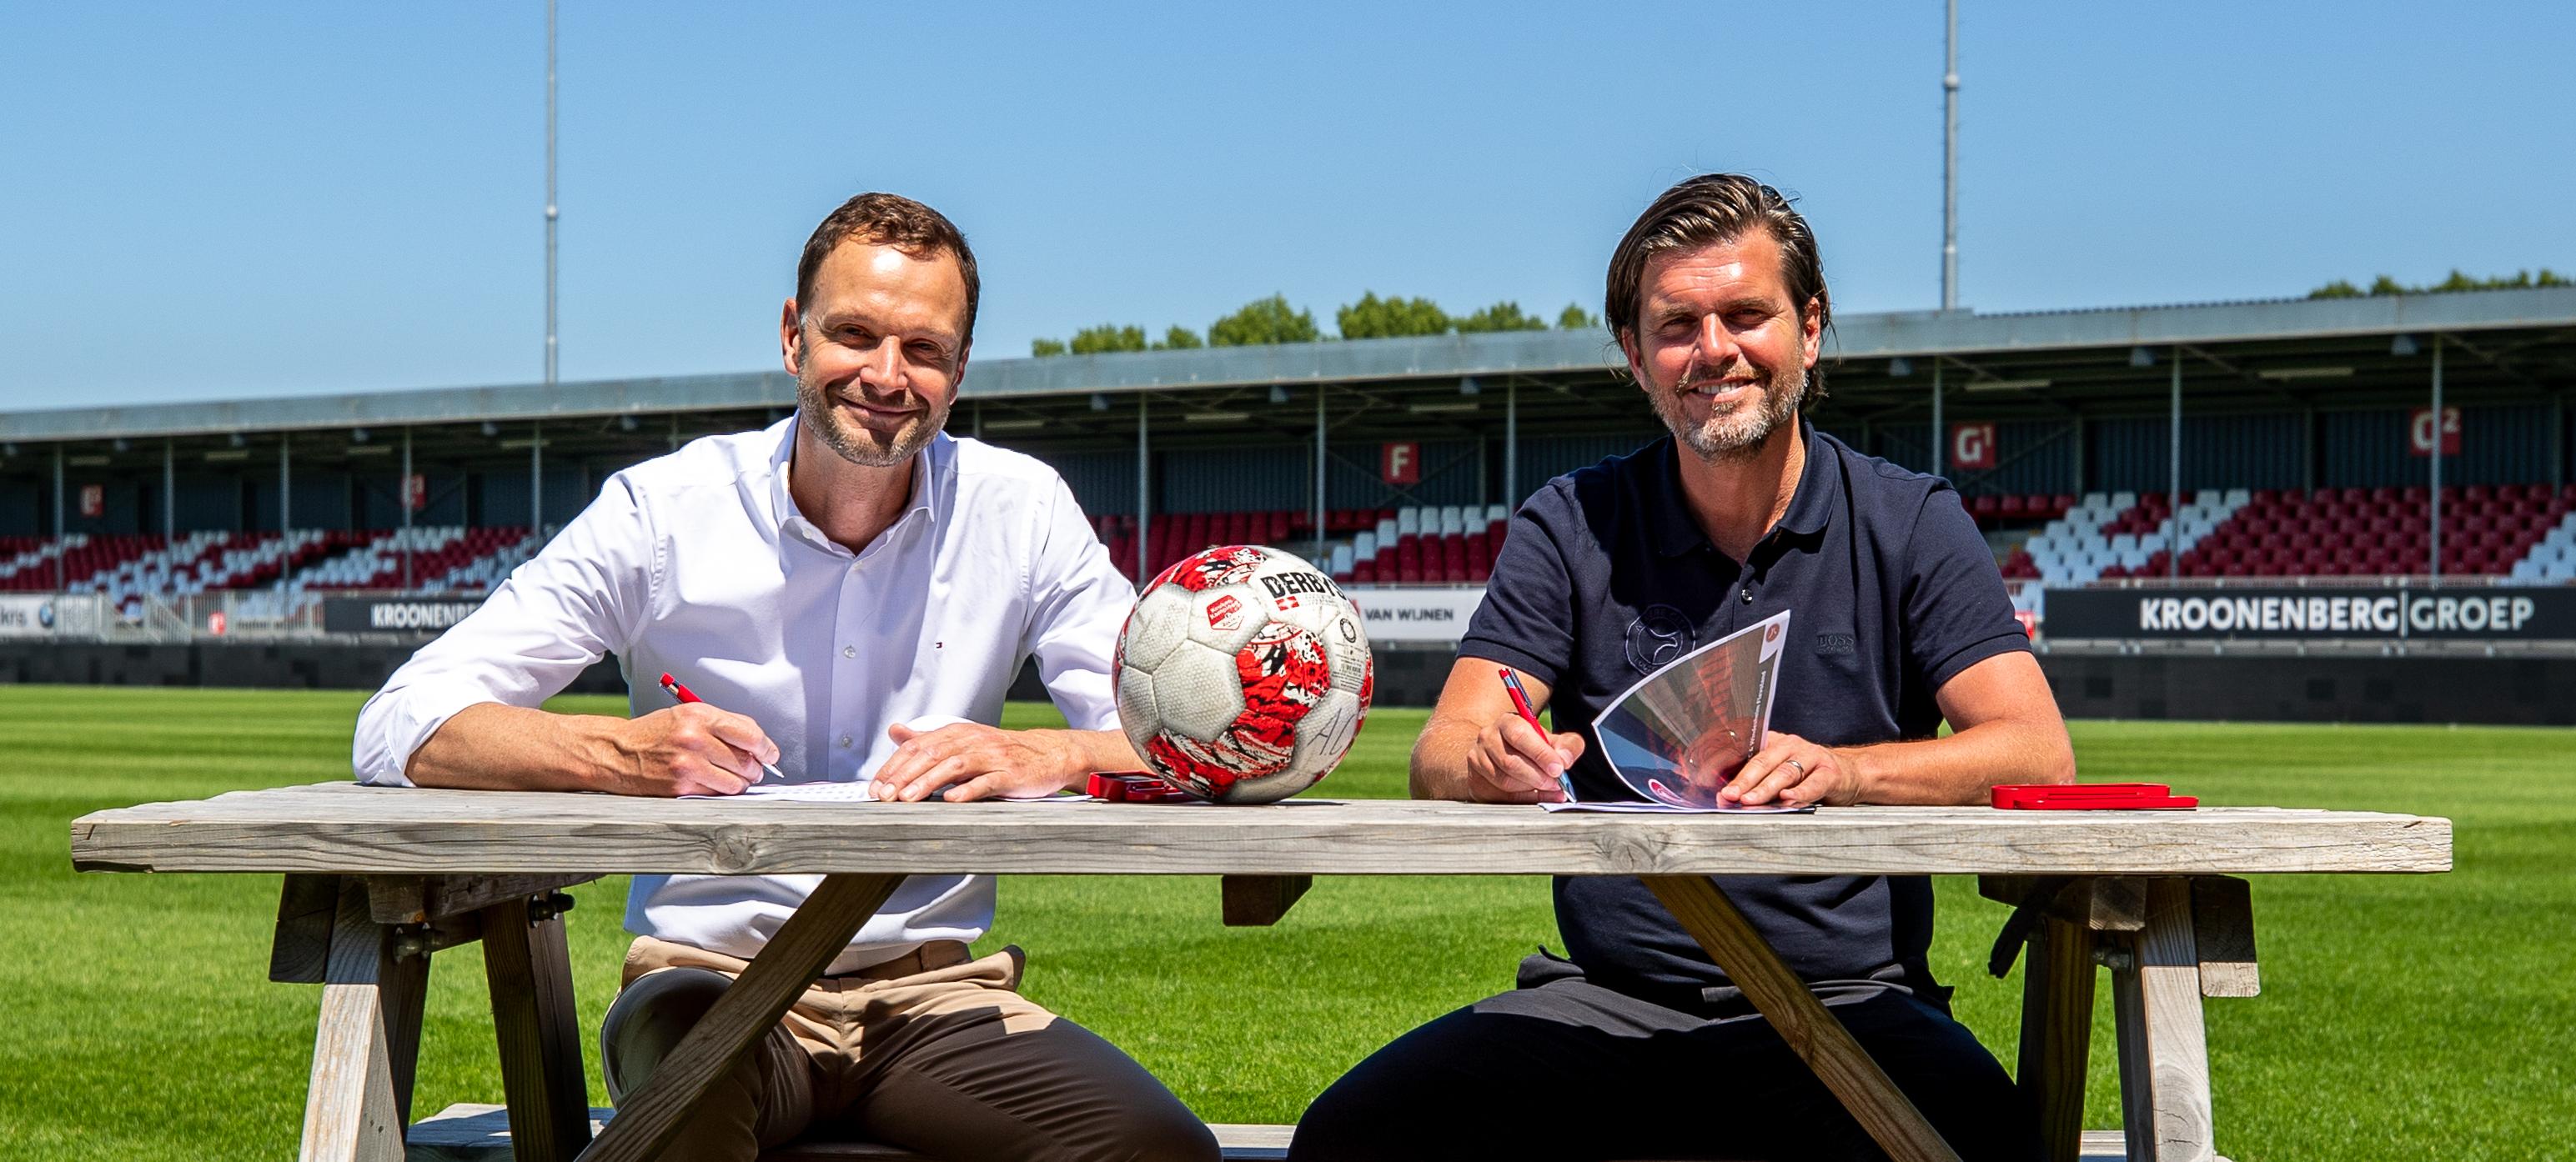 Almere City FC sluit overeenkomst met Windesheim in Almere